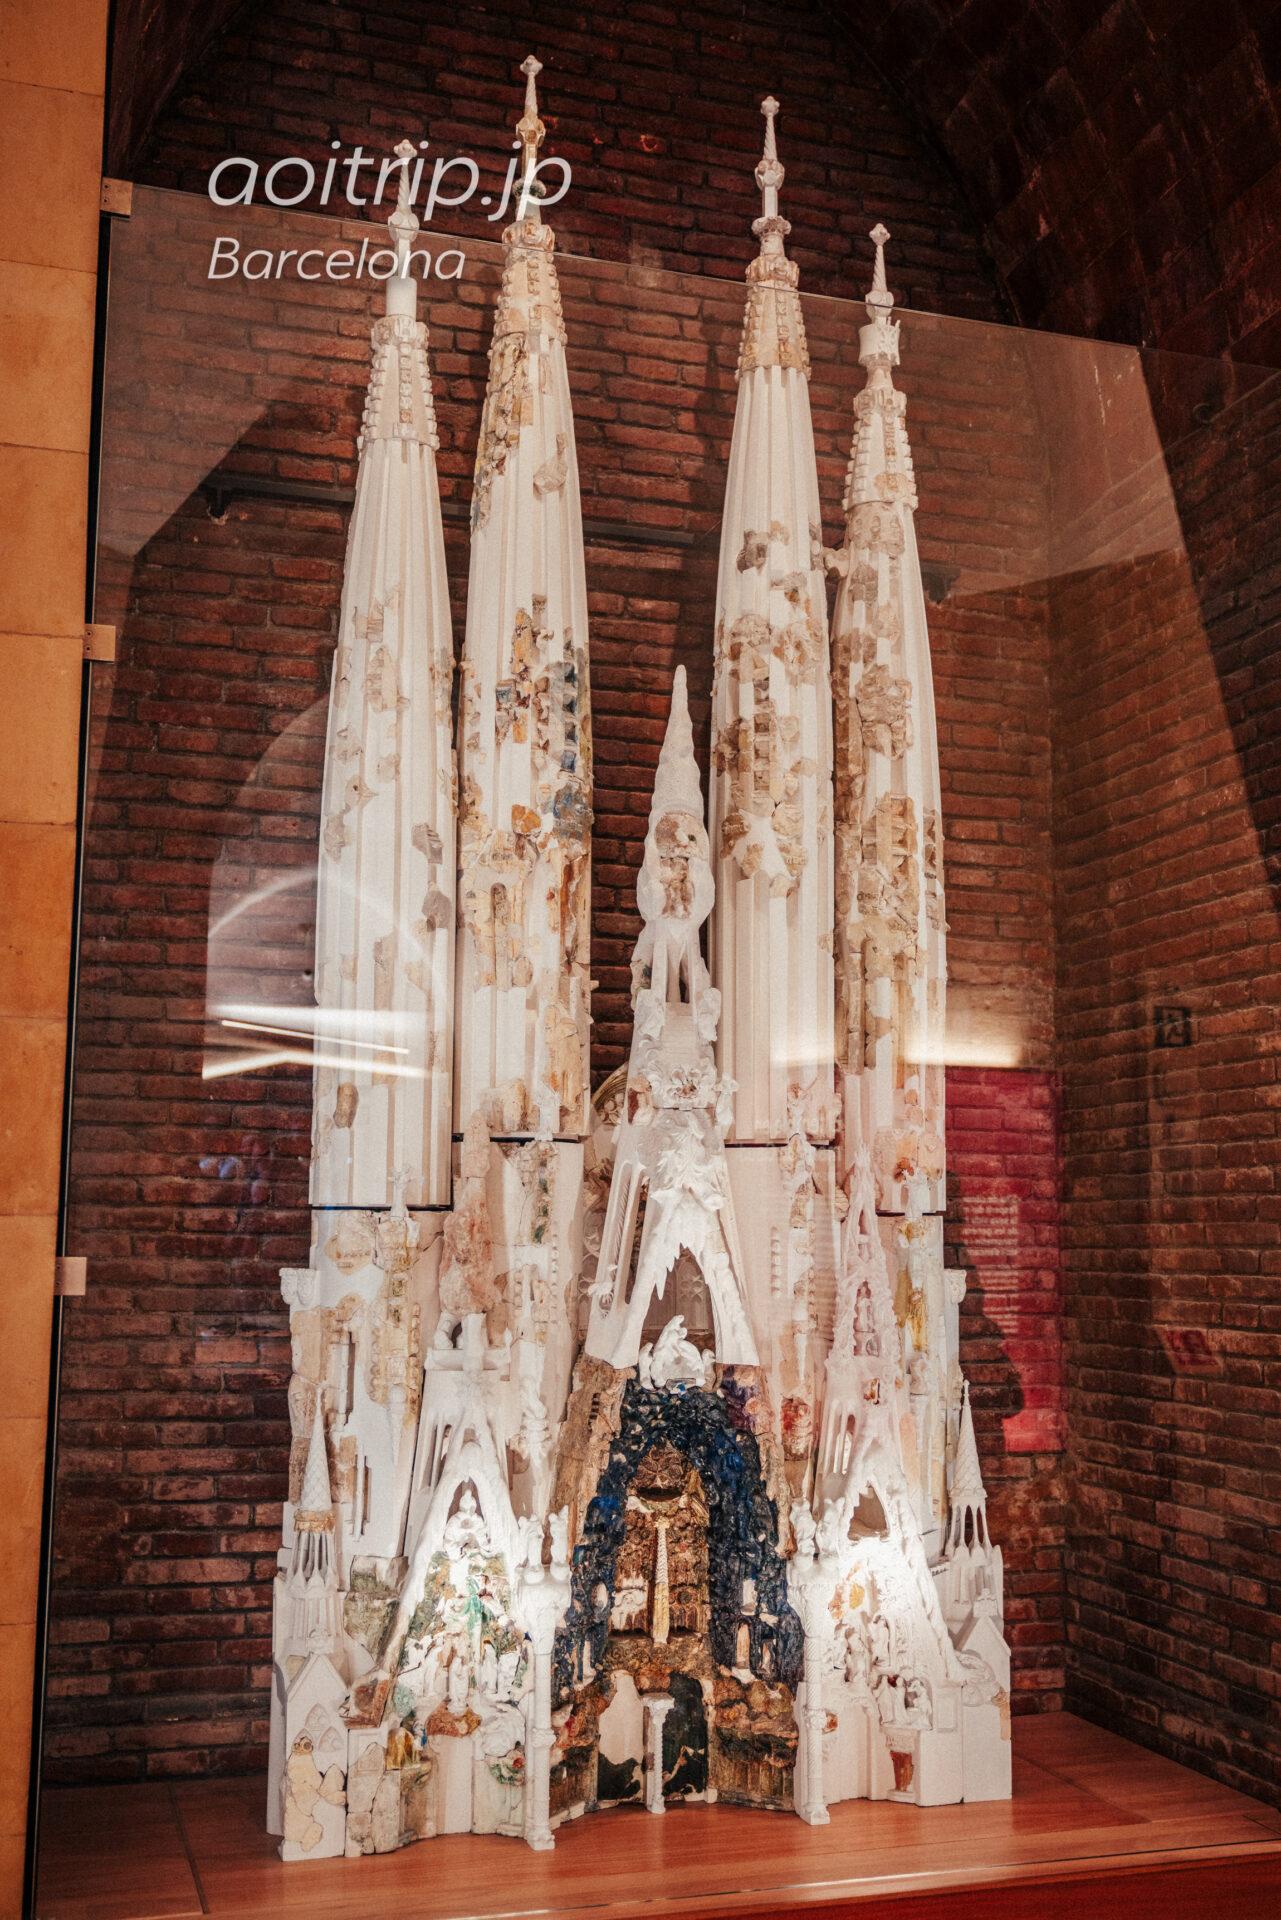 建築家ジュゼップ マリア ジュジョール(Josep Maria Jujol Gibert)が作ったサグラダファミリア生誕のファサードの模型